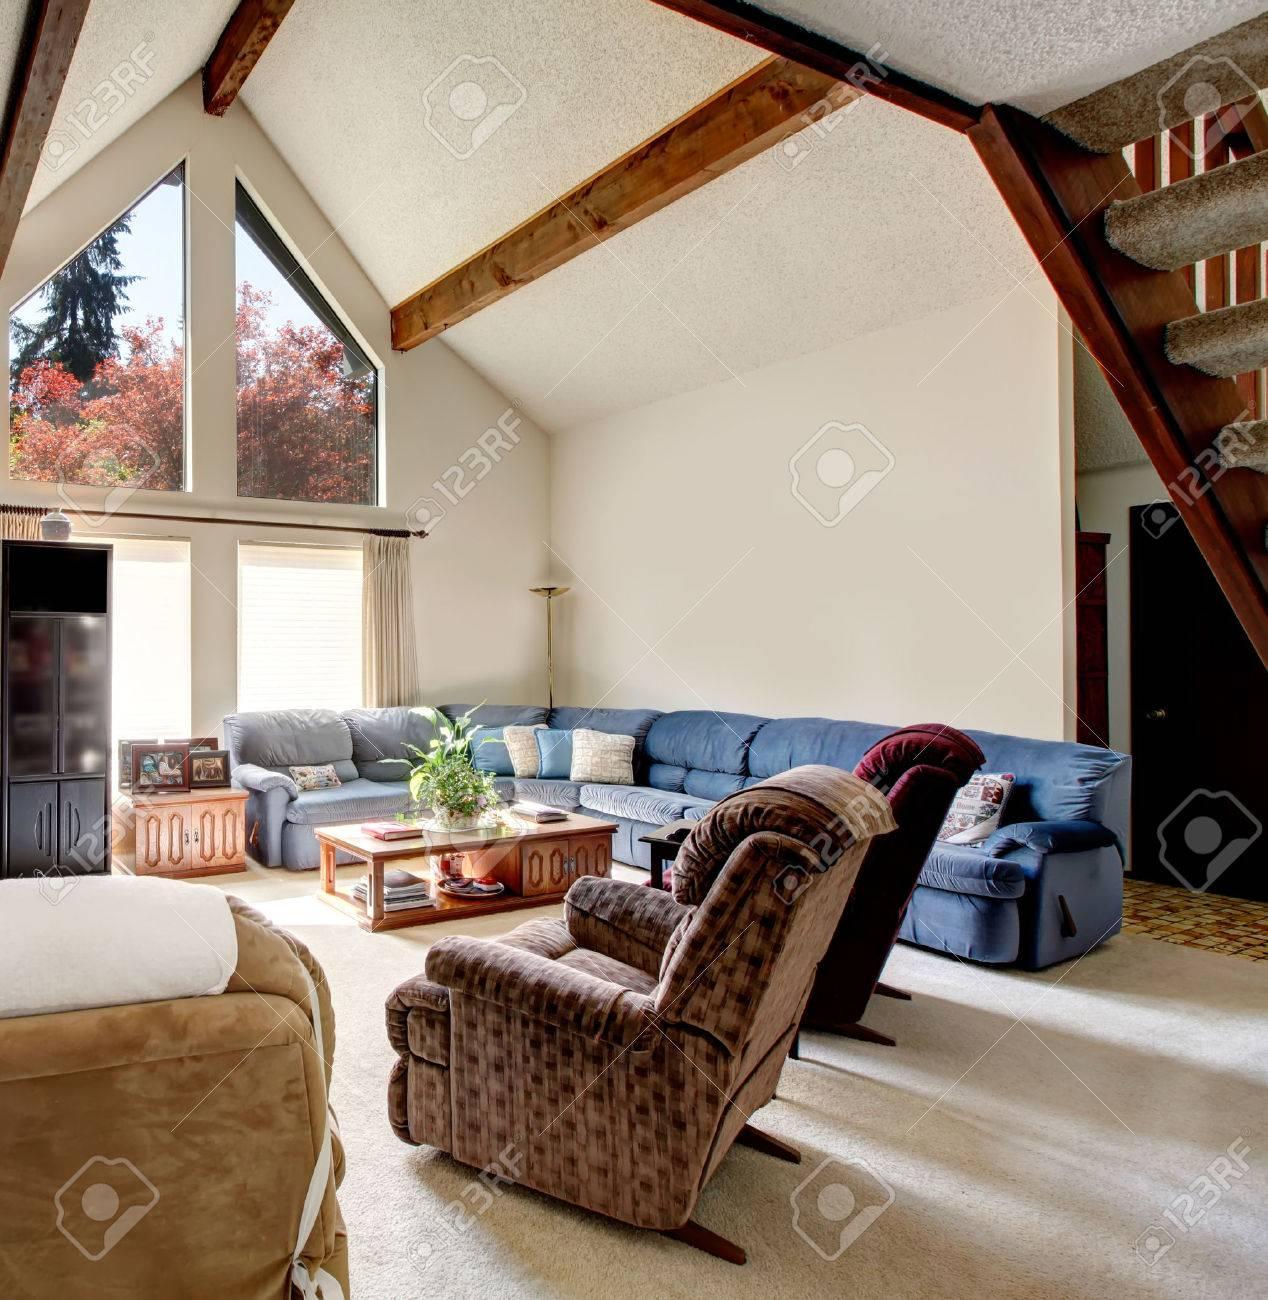 lumineux grand salon avec plafond voute et poutres tapis de sol rocheux desing mur meuble avec canape vaste ensemble des chaises une table basse